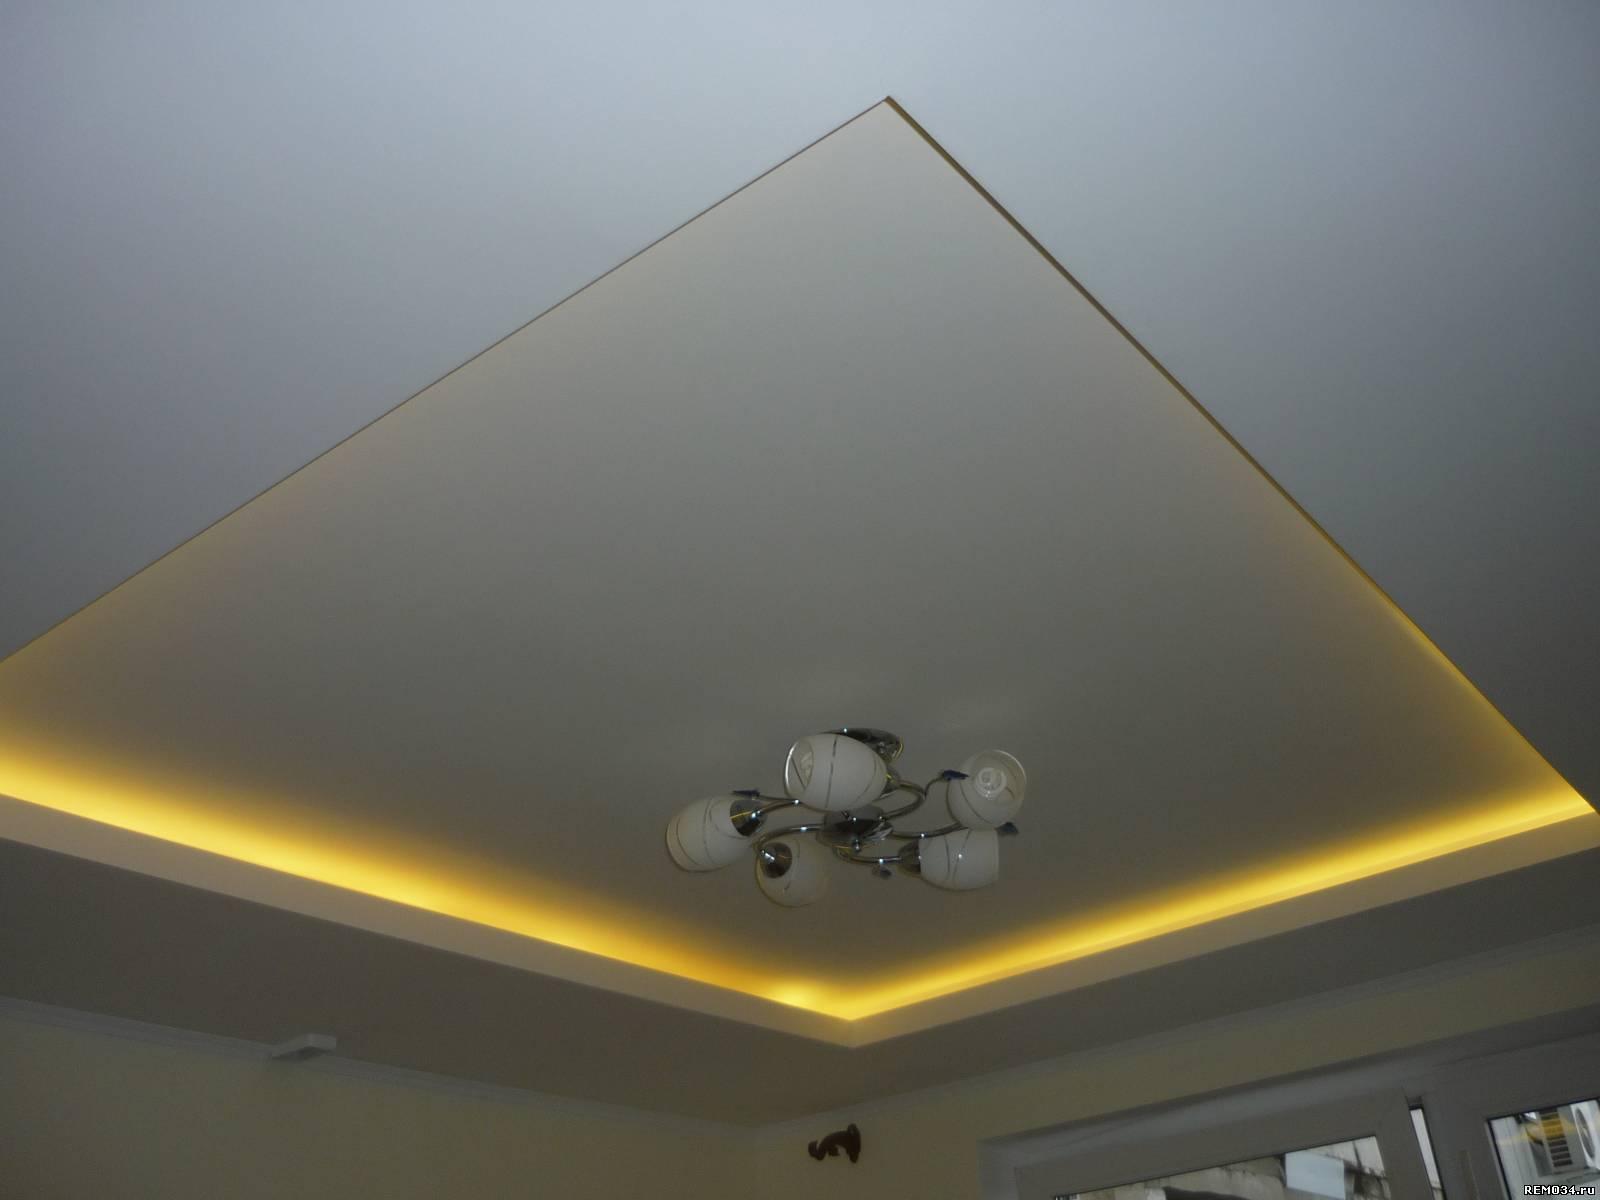 Как сделать двухуровневый потолок из гипсокартона: разметка, установка каркаса первого и второго уровня, монтаж листов